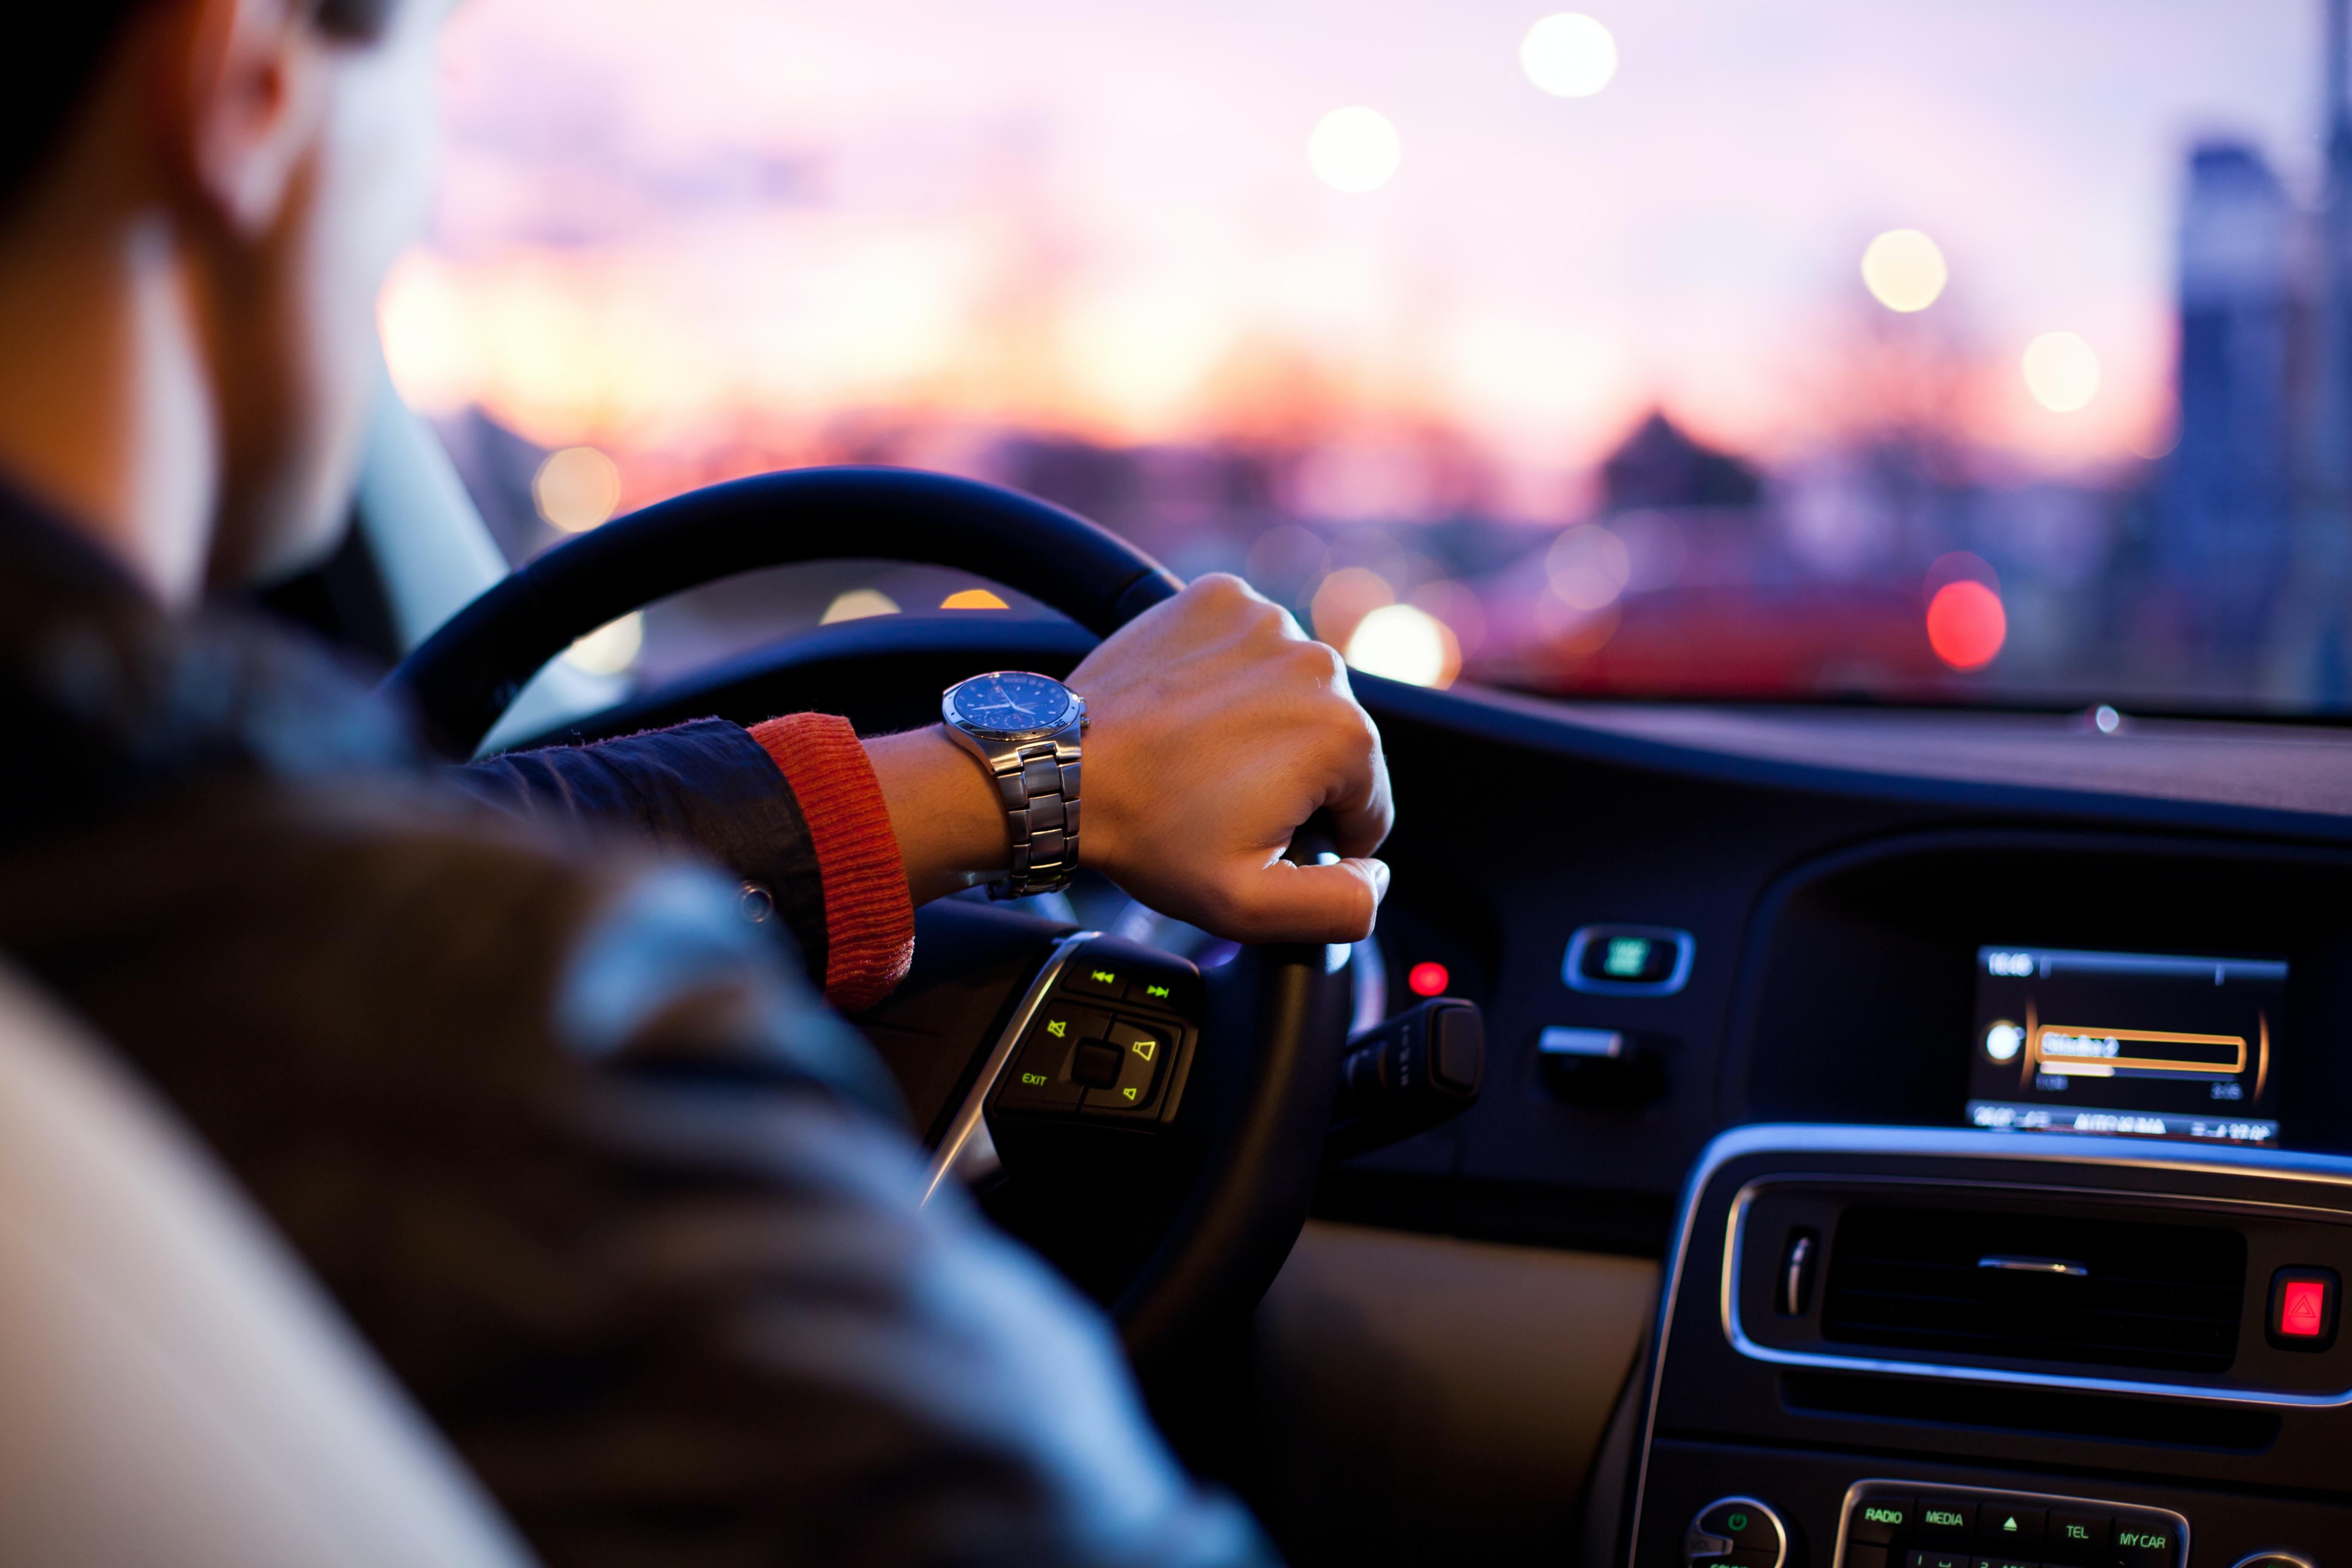 ドライブの意味や使い方|ビジネス/pc/車/バスケ/卓球/テニス・違い